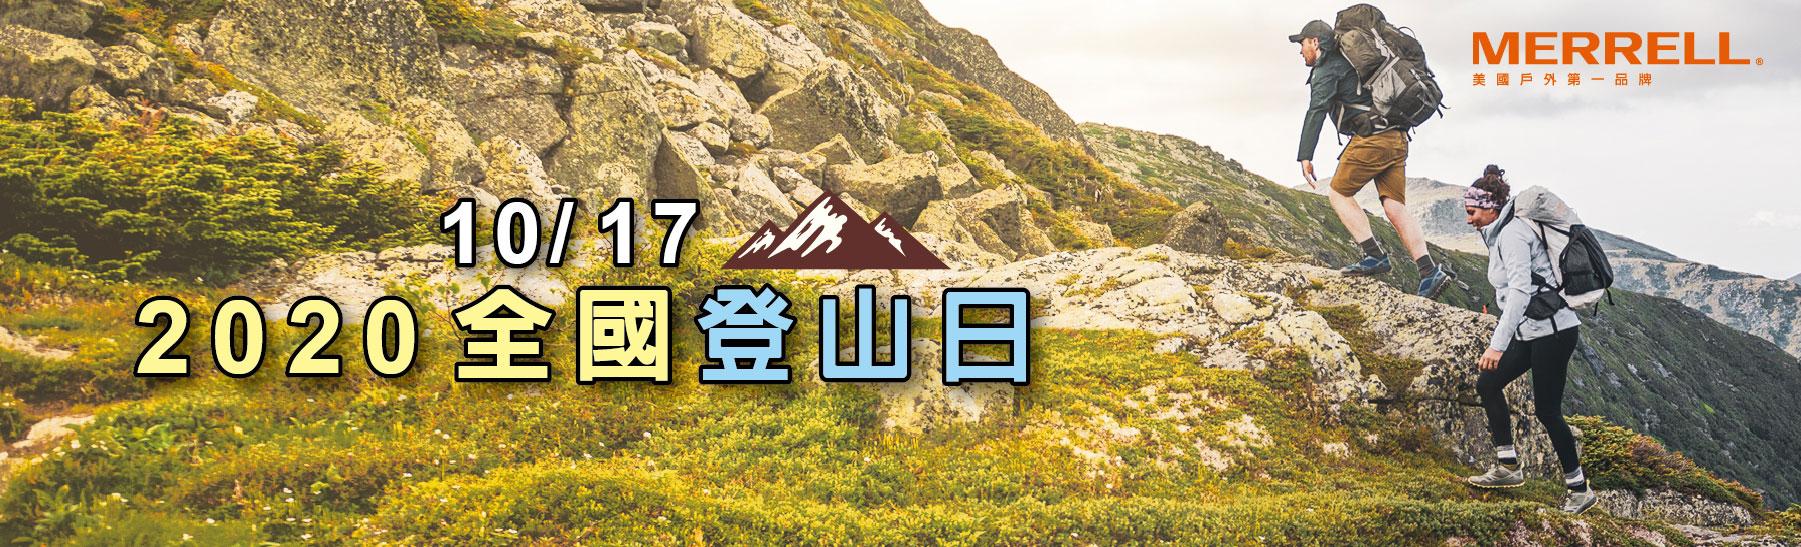 全國登山日台北場